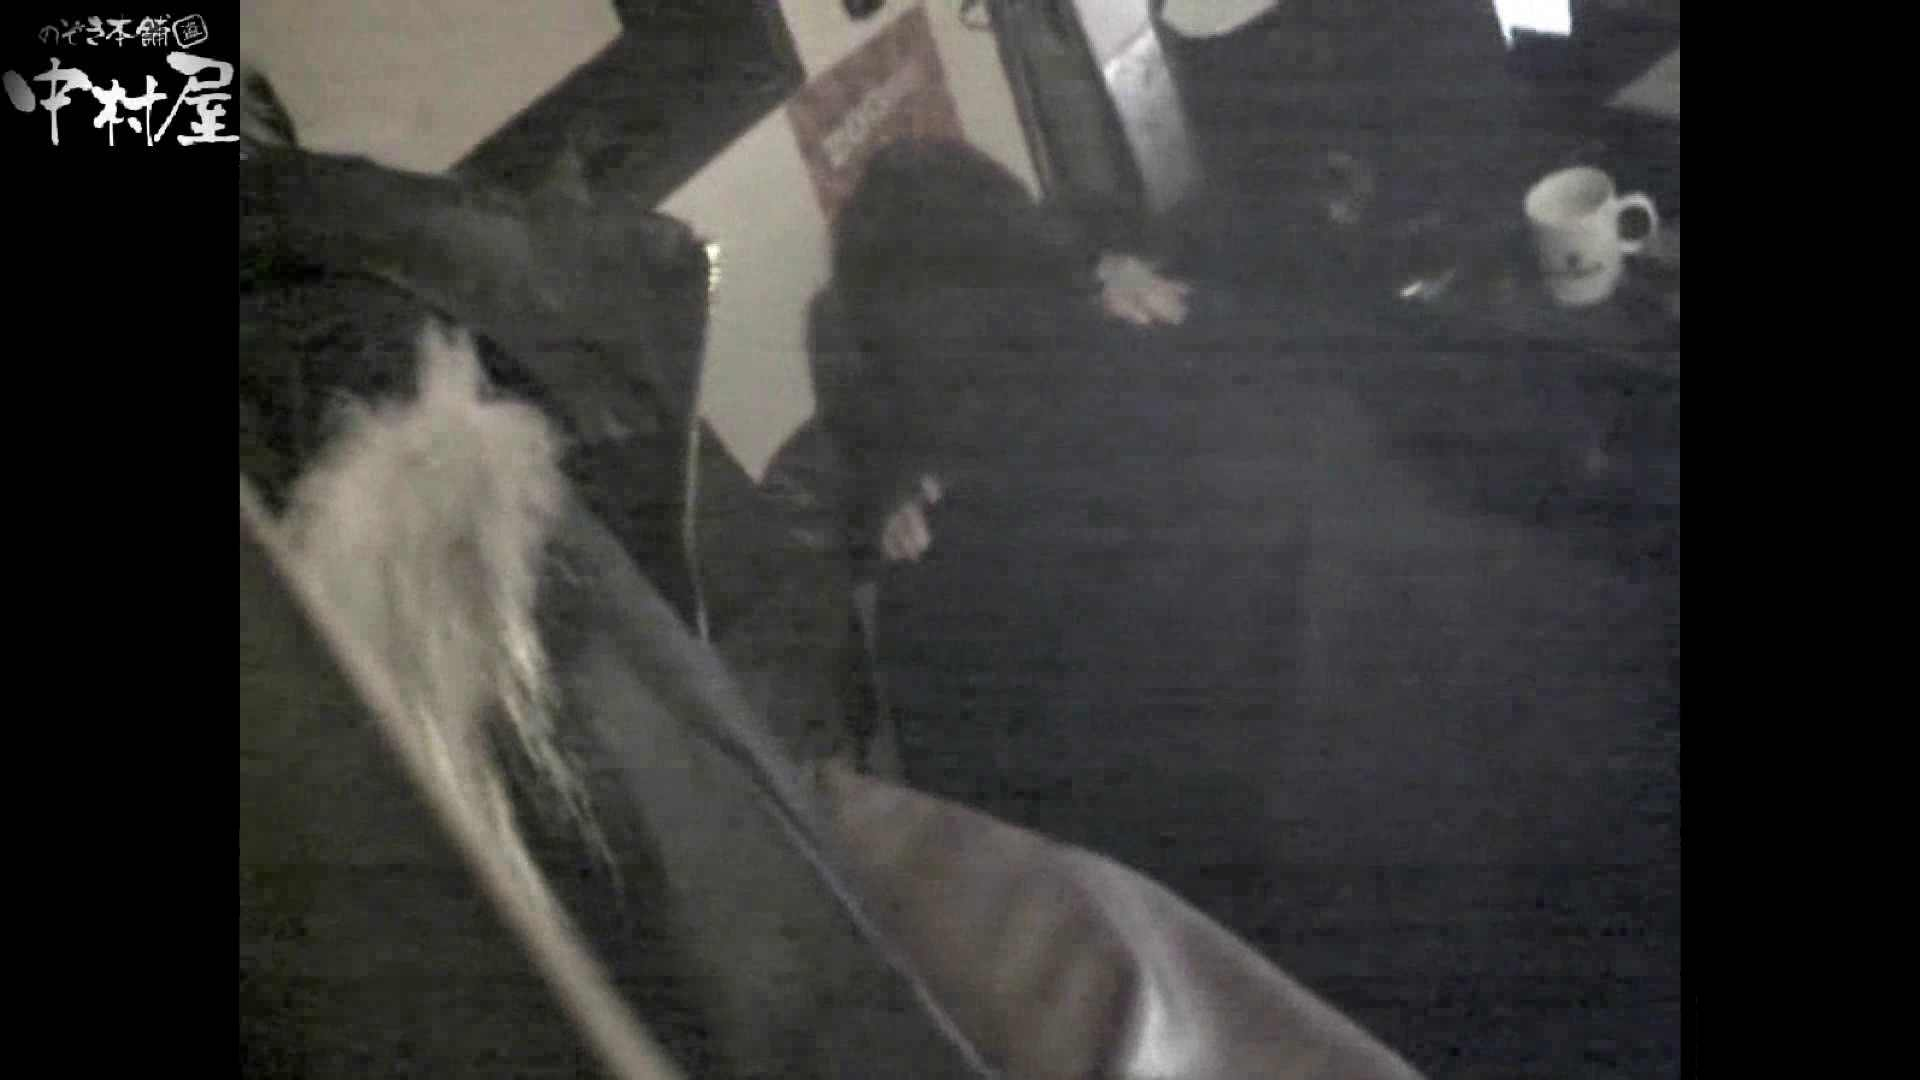 インターネットカフェの中で起こっている出来事 vol.007 OL女体 オマンコ無修正動画無料 64連発 26